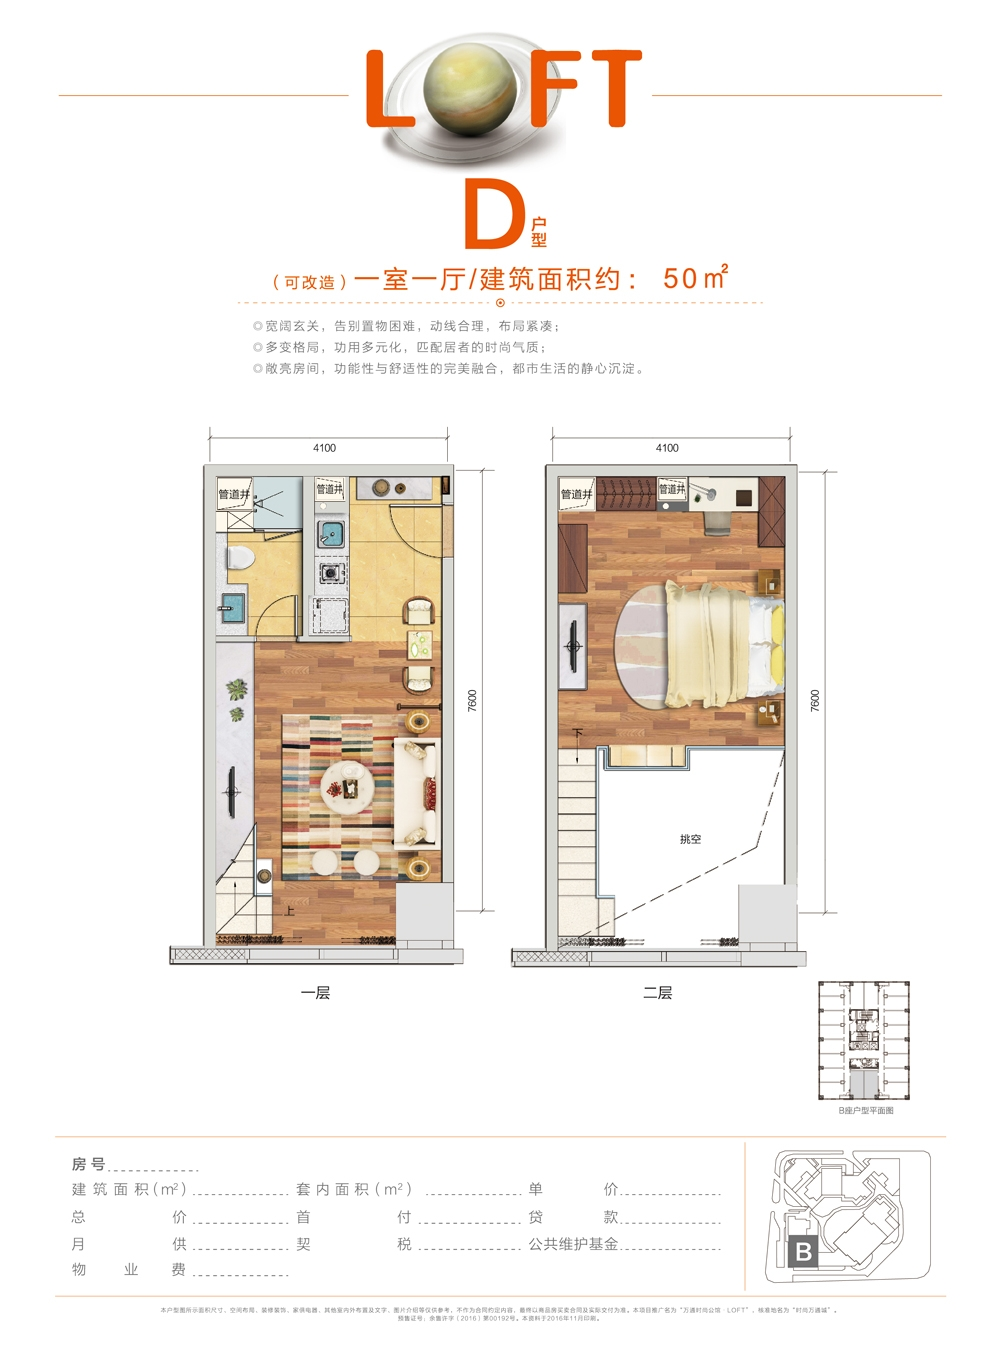 万通时尚公馆loft公寓D户型50方